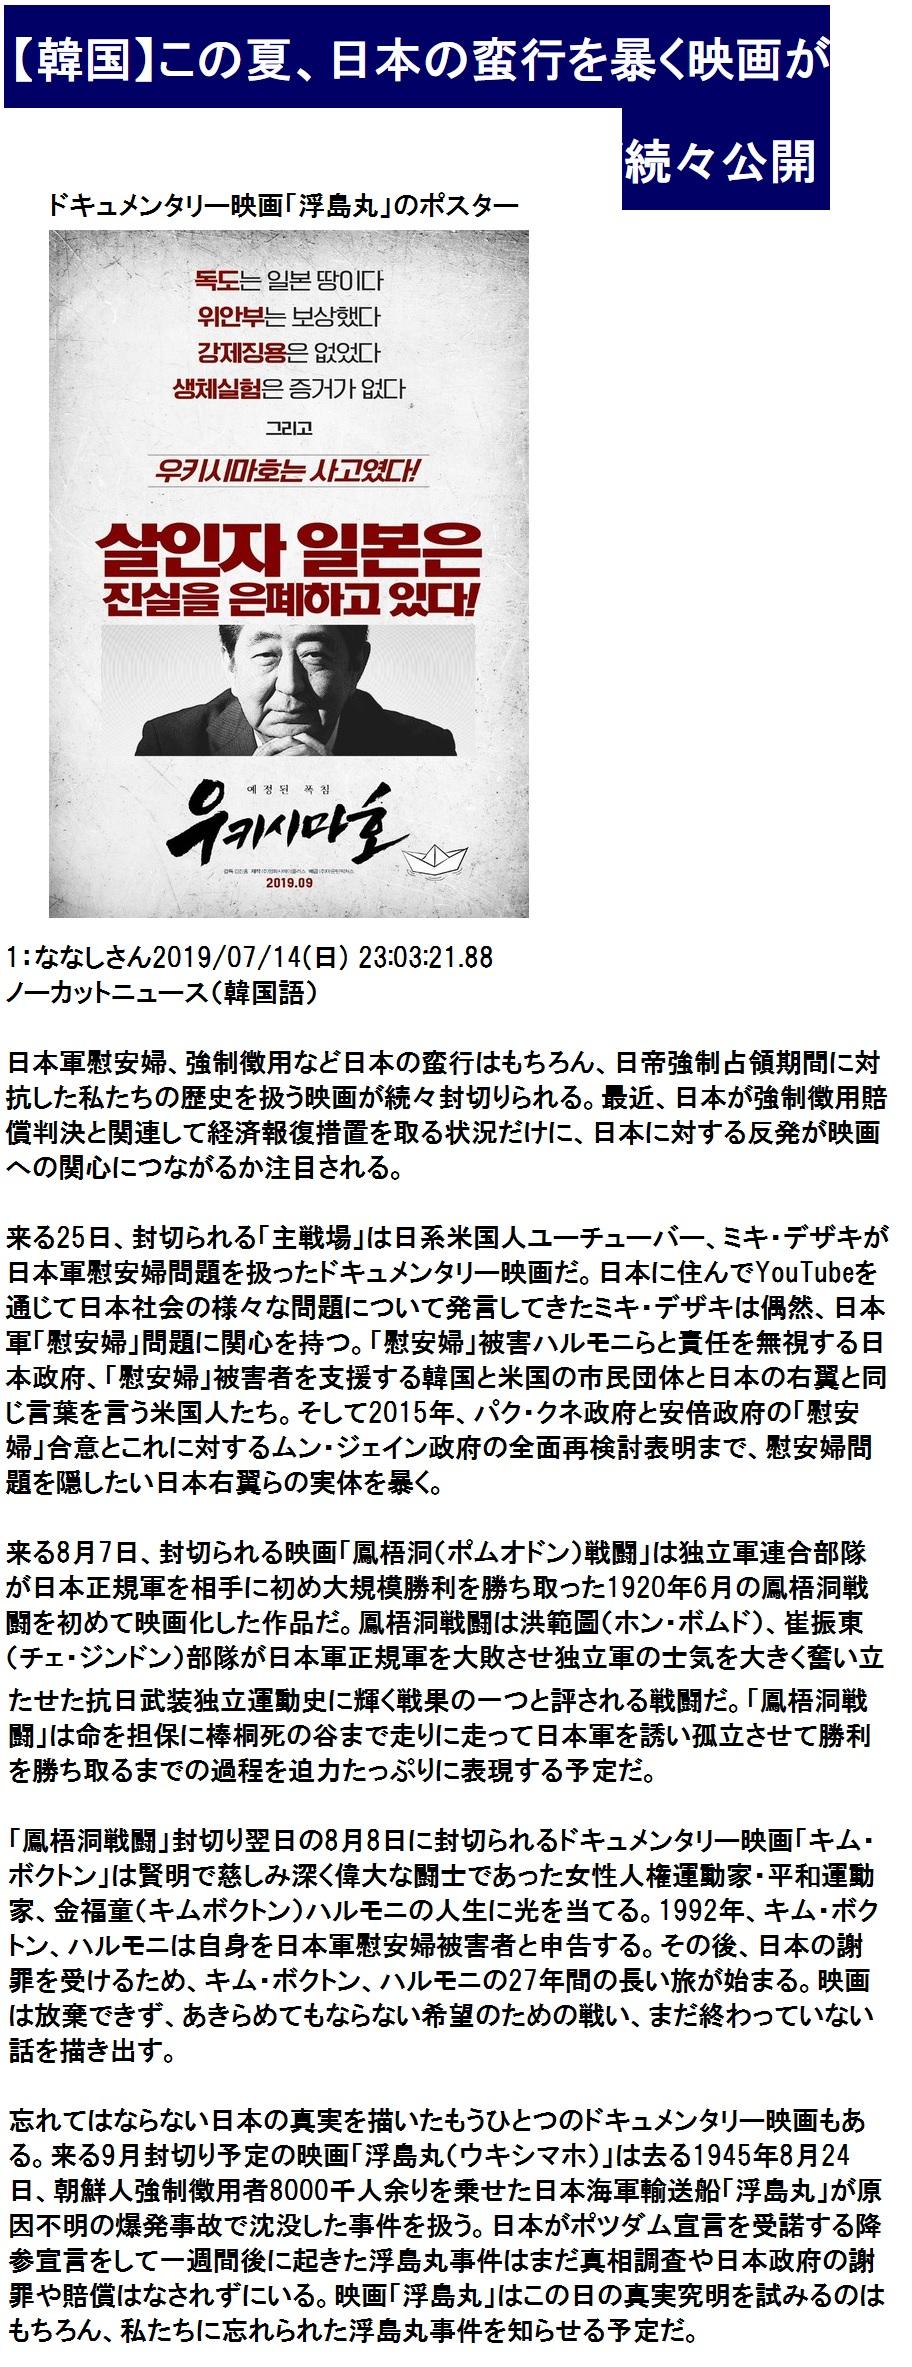 下朝鮮の反日映画「浮島丸」